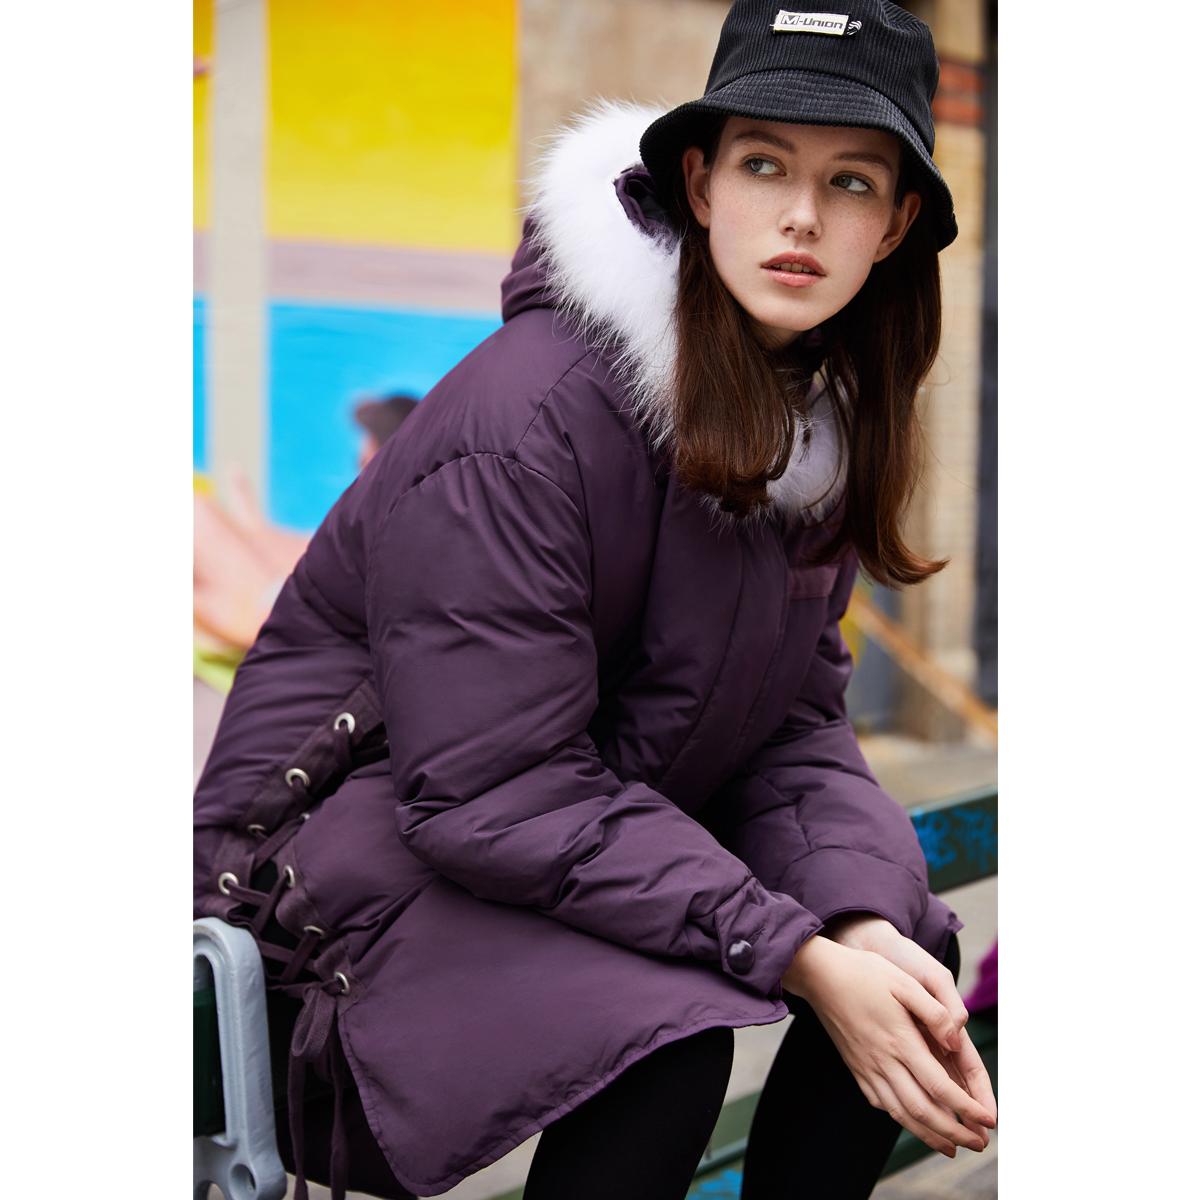 太平鸟羽绒服 太平鸟女装冬装新款紫色绑带毛领羽绒服中长款 连帽加厚面包服女_推荐淘宝好看的女太平鸟羽绒服